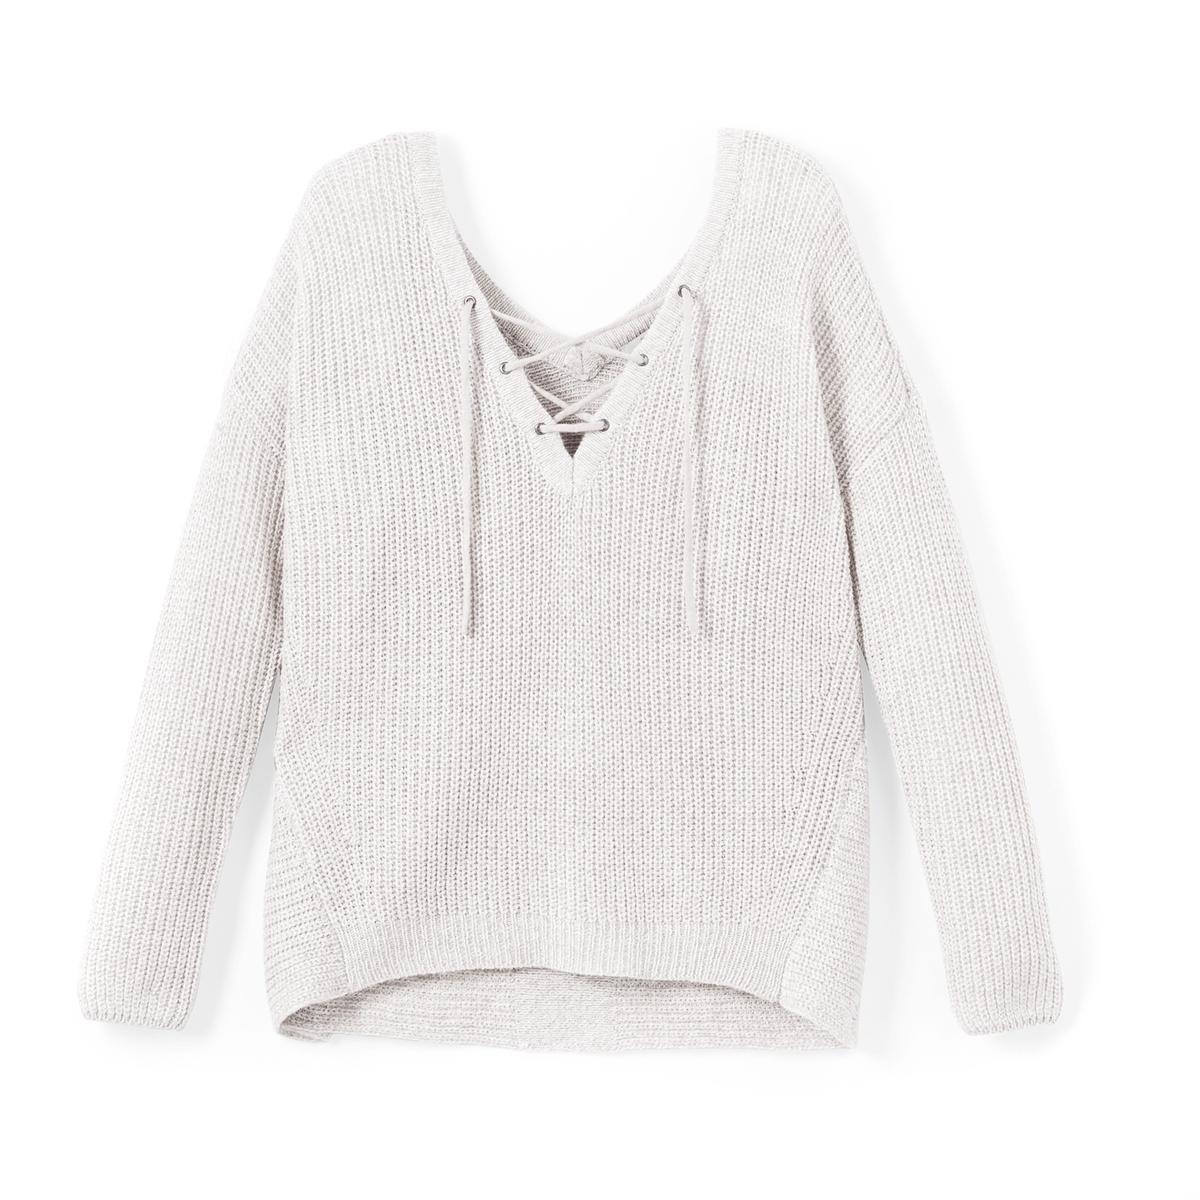 Пуловер с V-образным вырезом и шнуровкойДетали   Покрой пуловера : стандартный    Длинные рукава   •   V-образный вырез  Плотный трикотаж Состав и уход 28% хлопка, 36% полиэстера, 36% полиуретана   •  Просьба следовать советам по уходу, указанным на этикетке изделия<br><br>Цвет: белый<br>Размер: XS.L